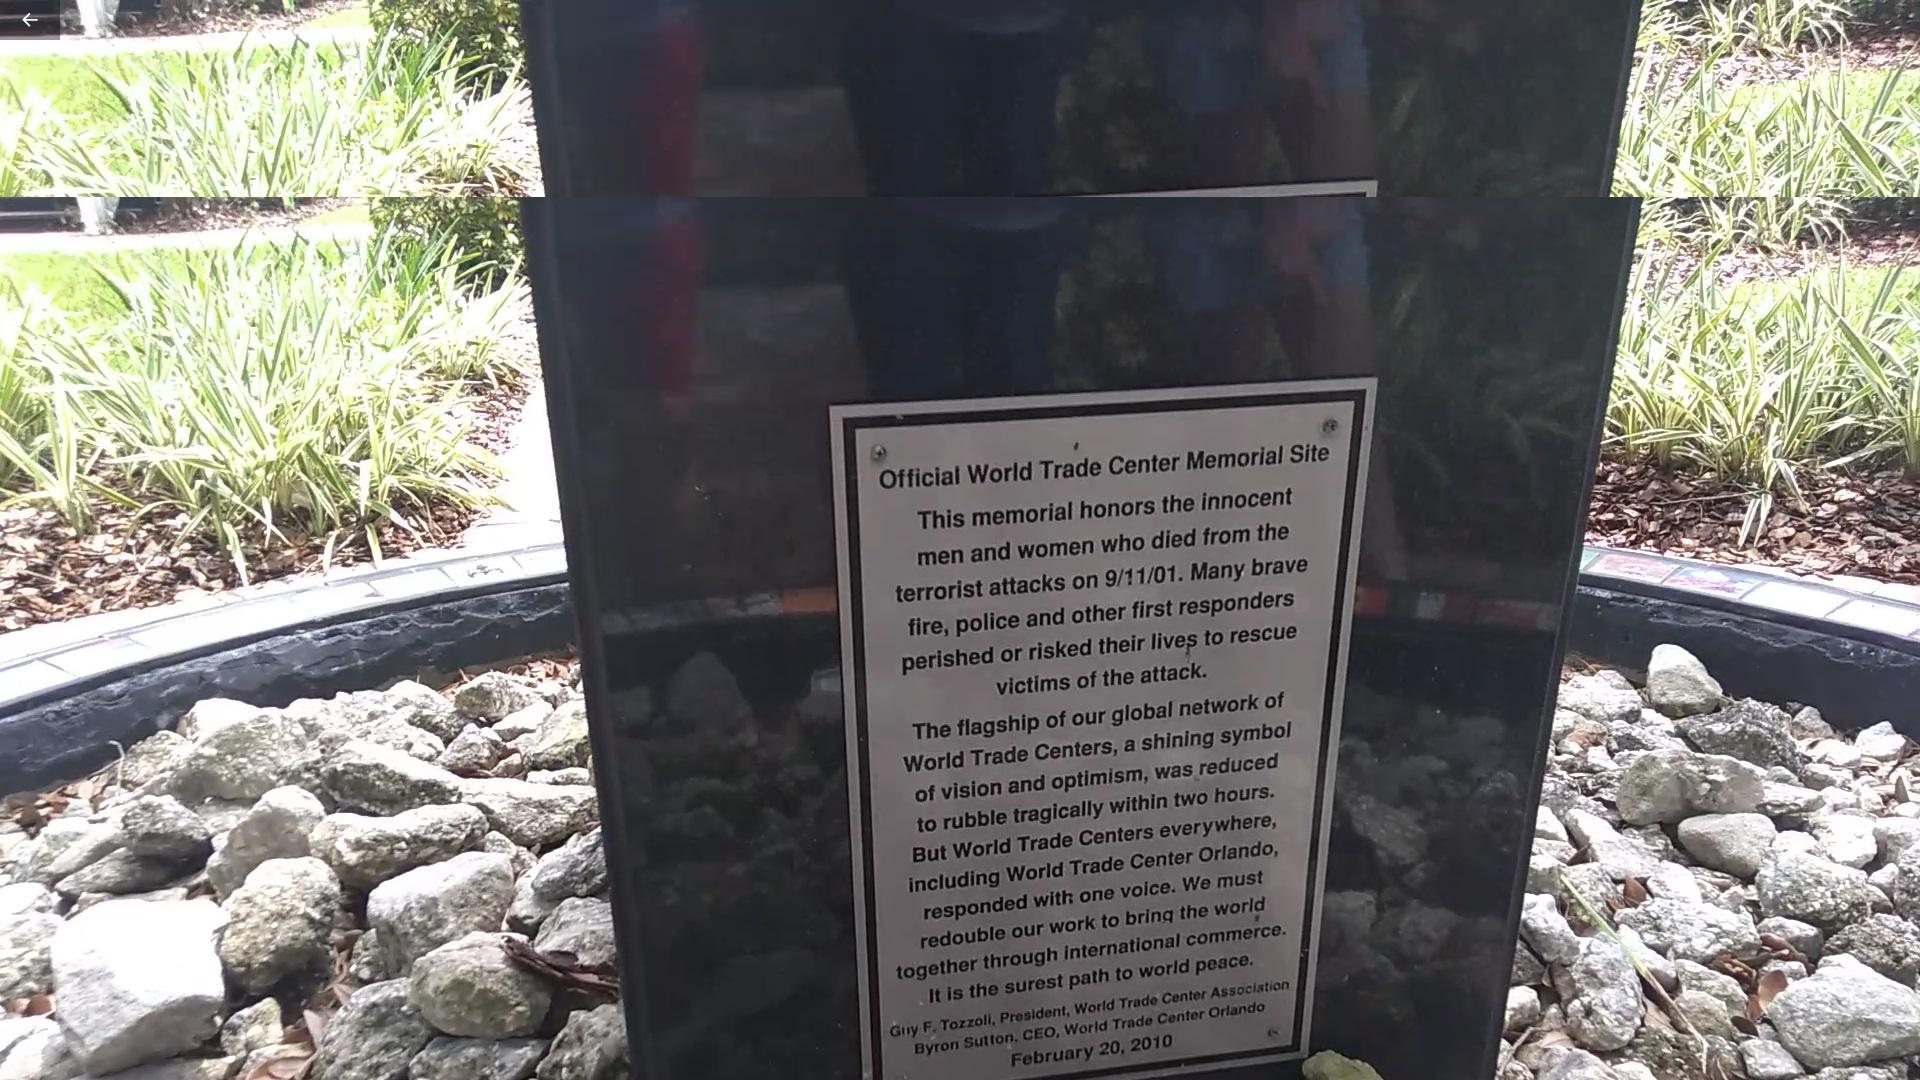 monumento em homenagem aos mortos do World Trade Center (WTC)